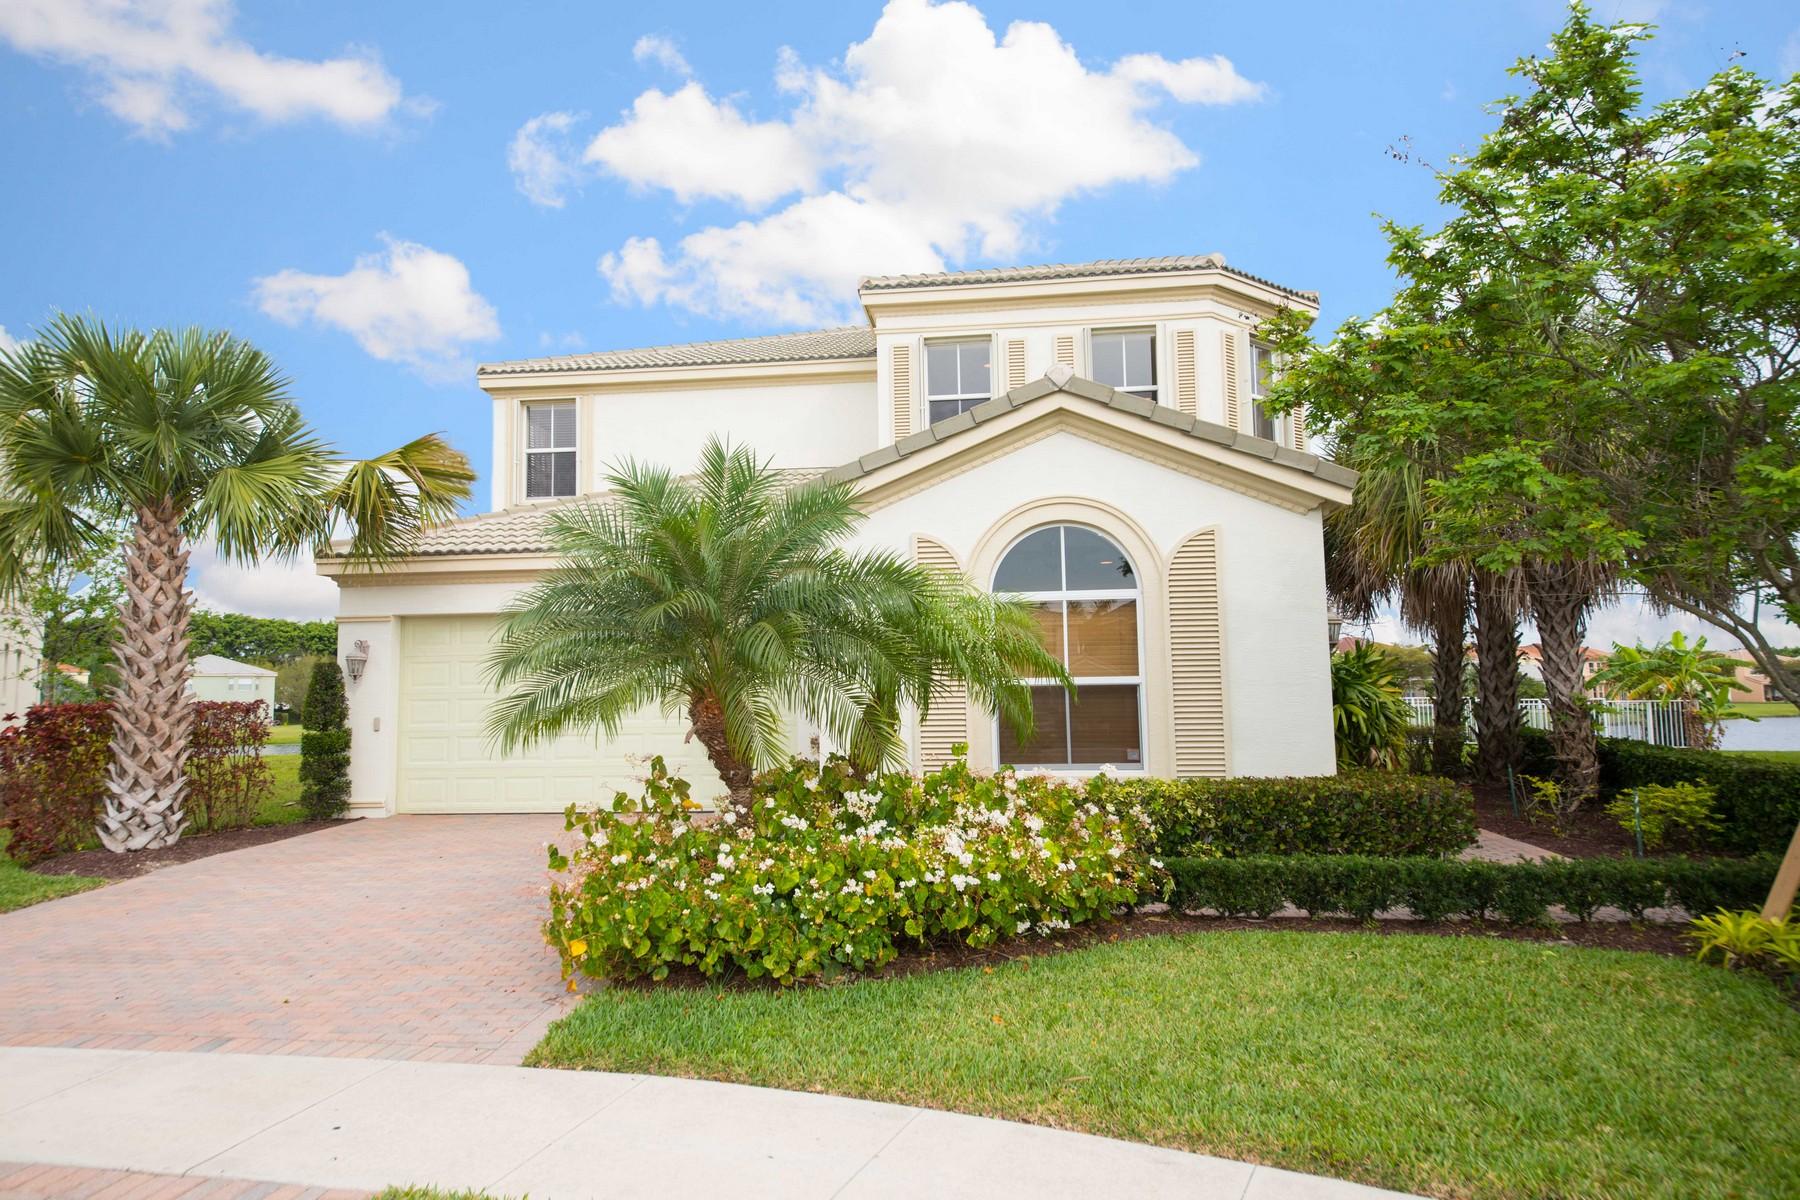 단독 가정 주택 용 매매 에 2704 Shaughnessy Drive Wellington, 플로리다, 33414 미국